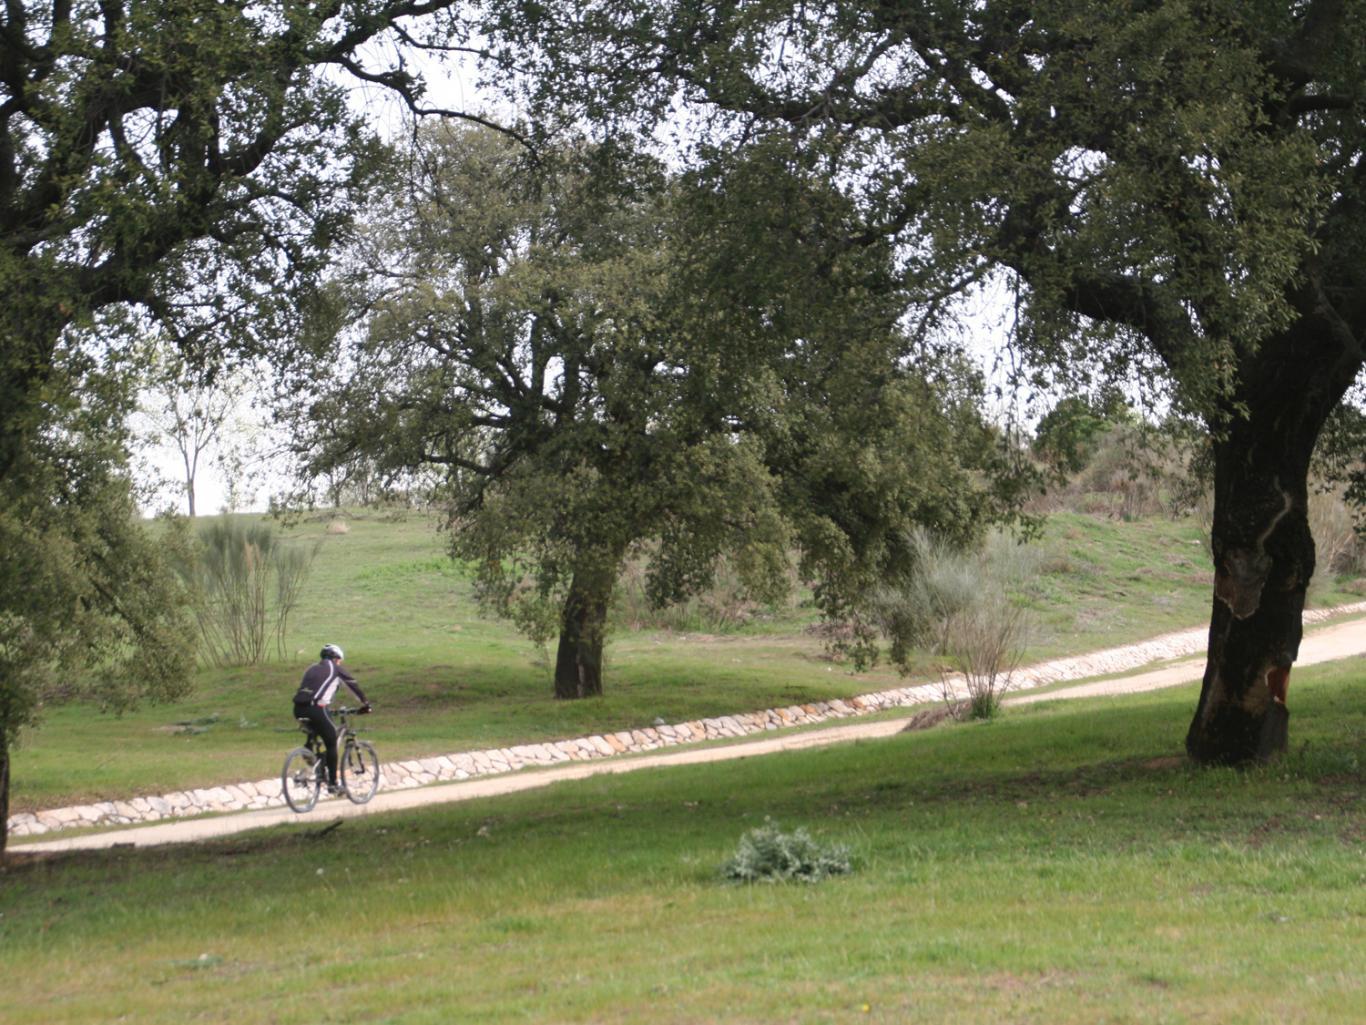 Ciclista en el parque de Las Presillas